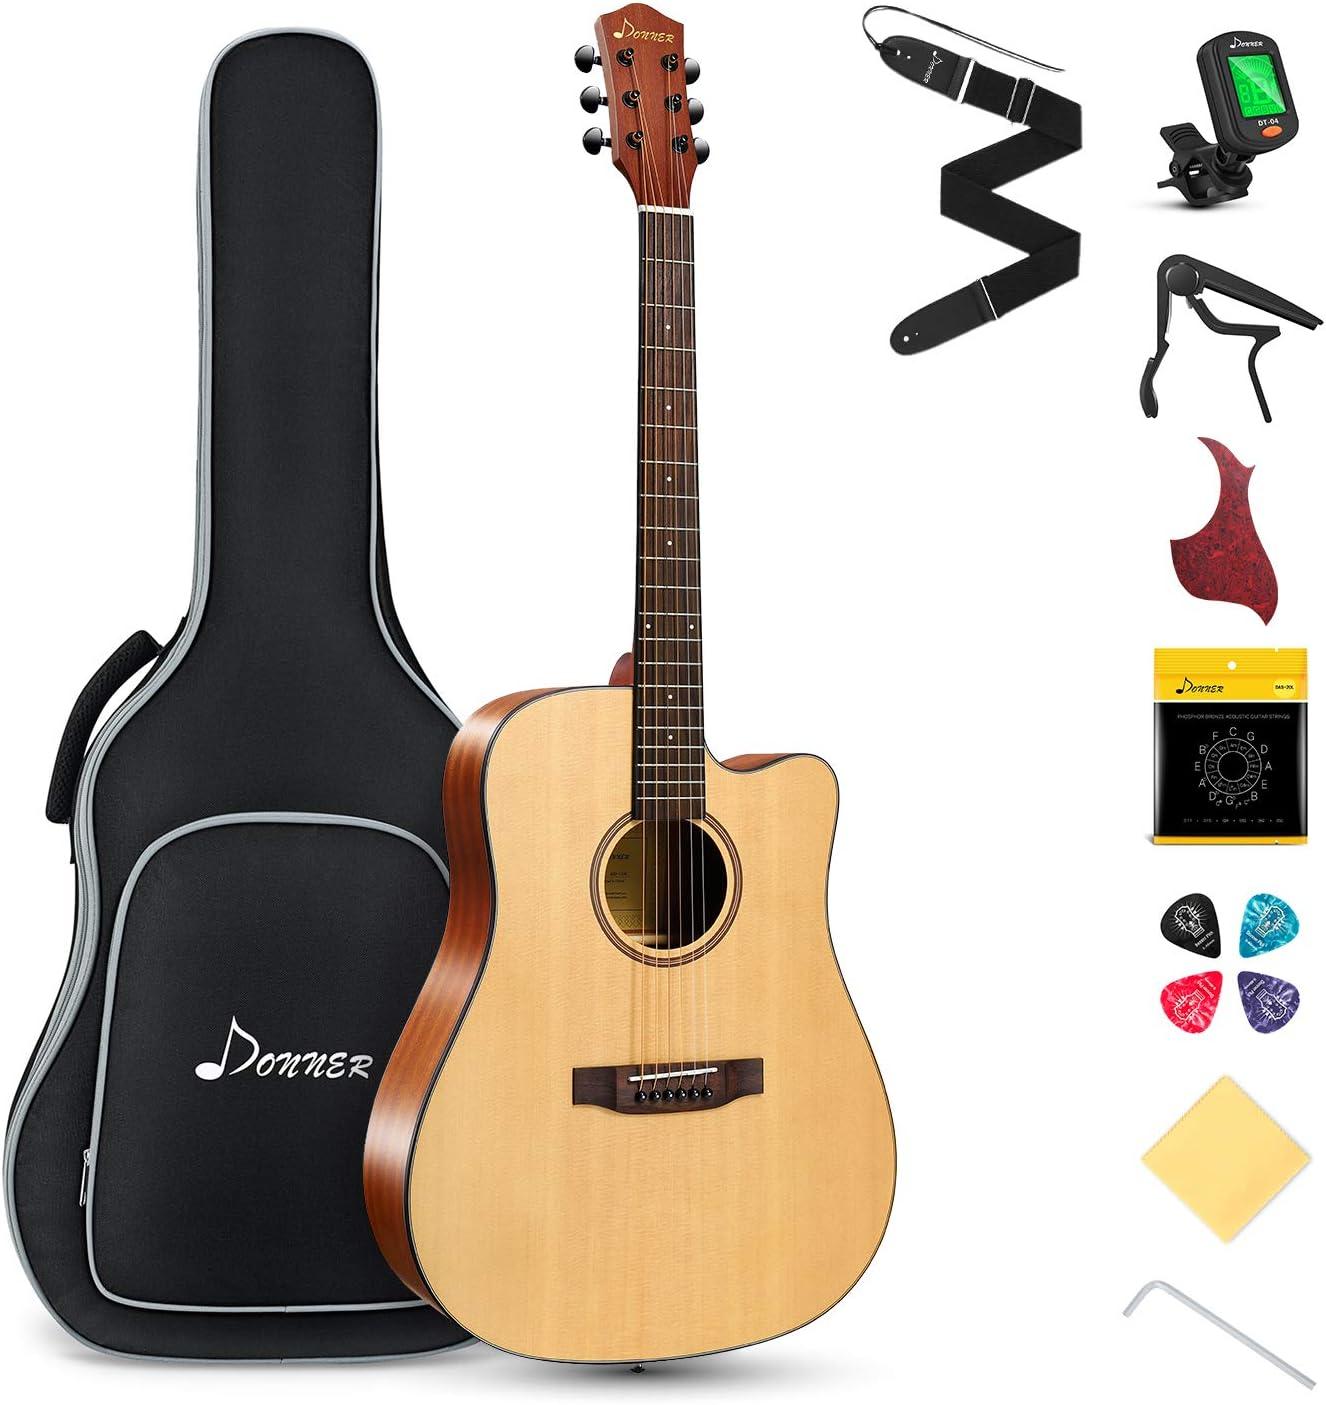 Donner Guitarra Acústica con Cutaway 41 Pulgadas Cuerpo de Caoba y Pícea Color de Madera Natural con Set de Accesorios DAG-1C